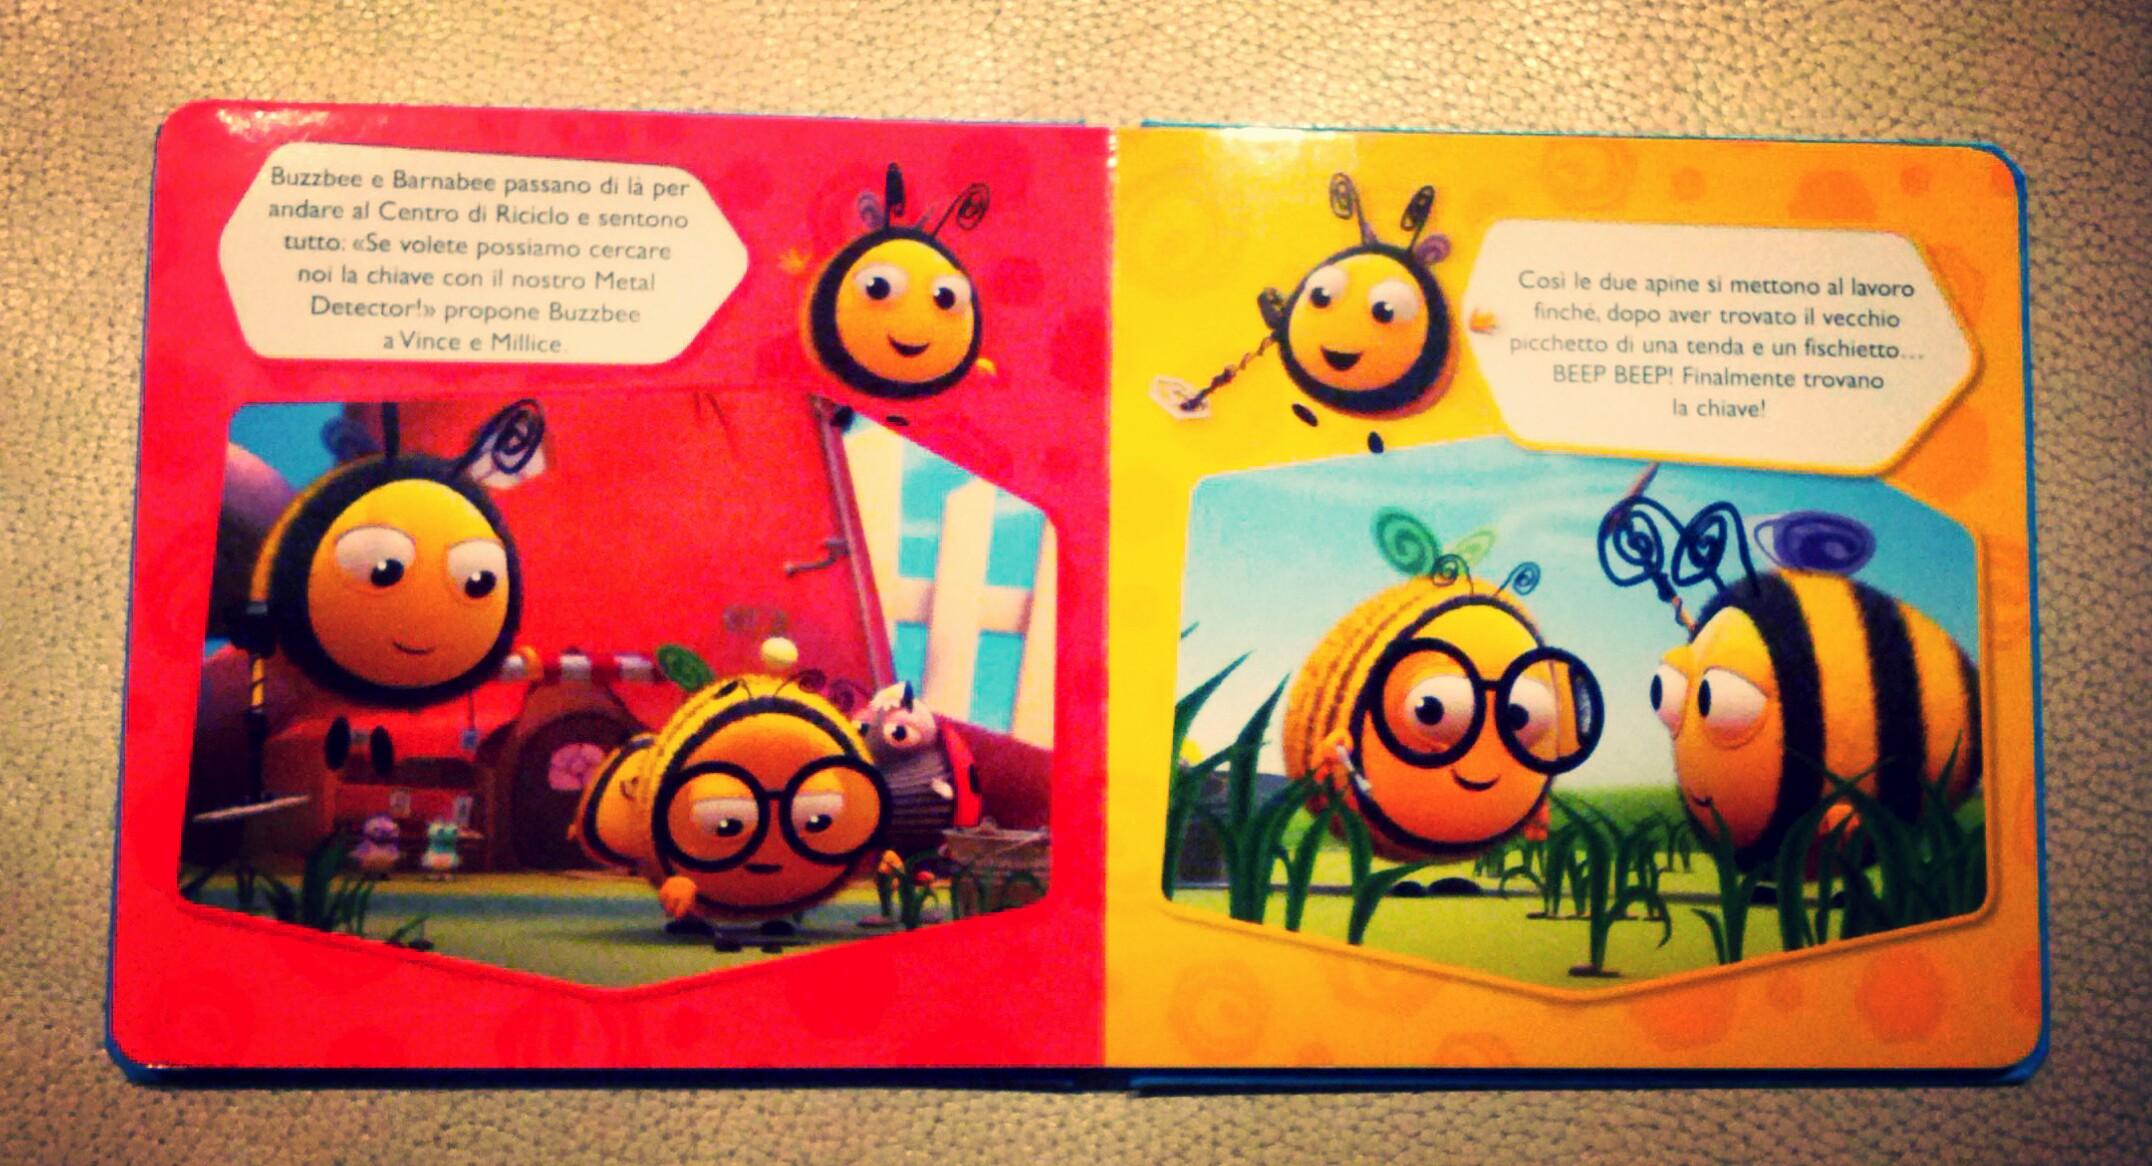 La casa delle api oro o miele crescere leggendo